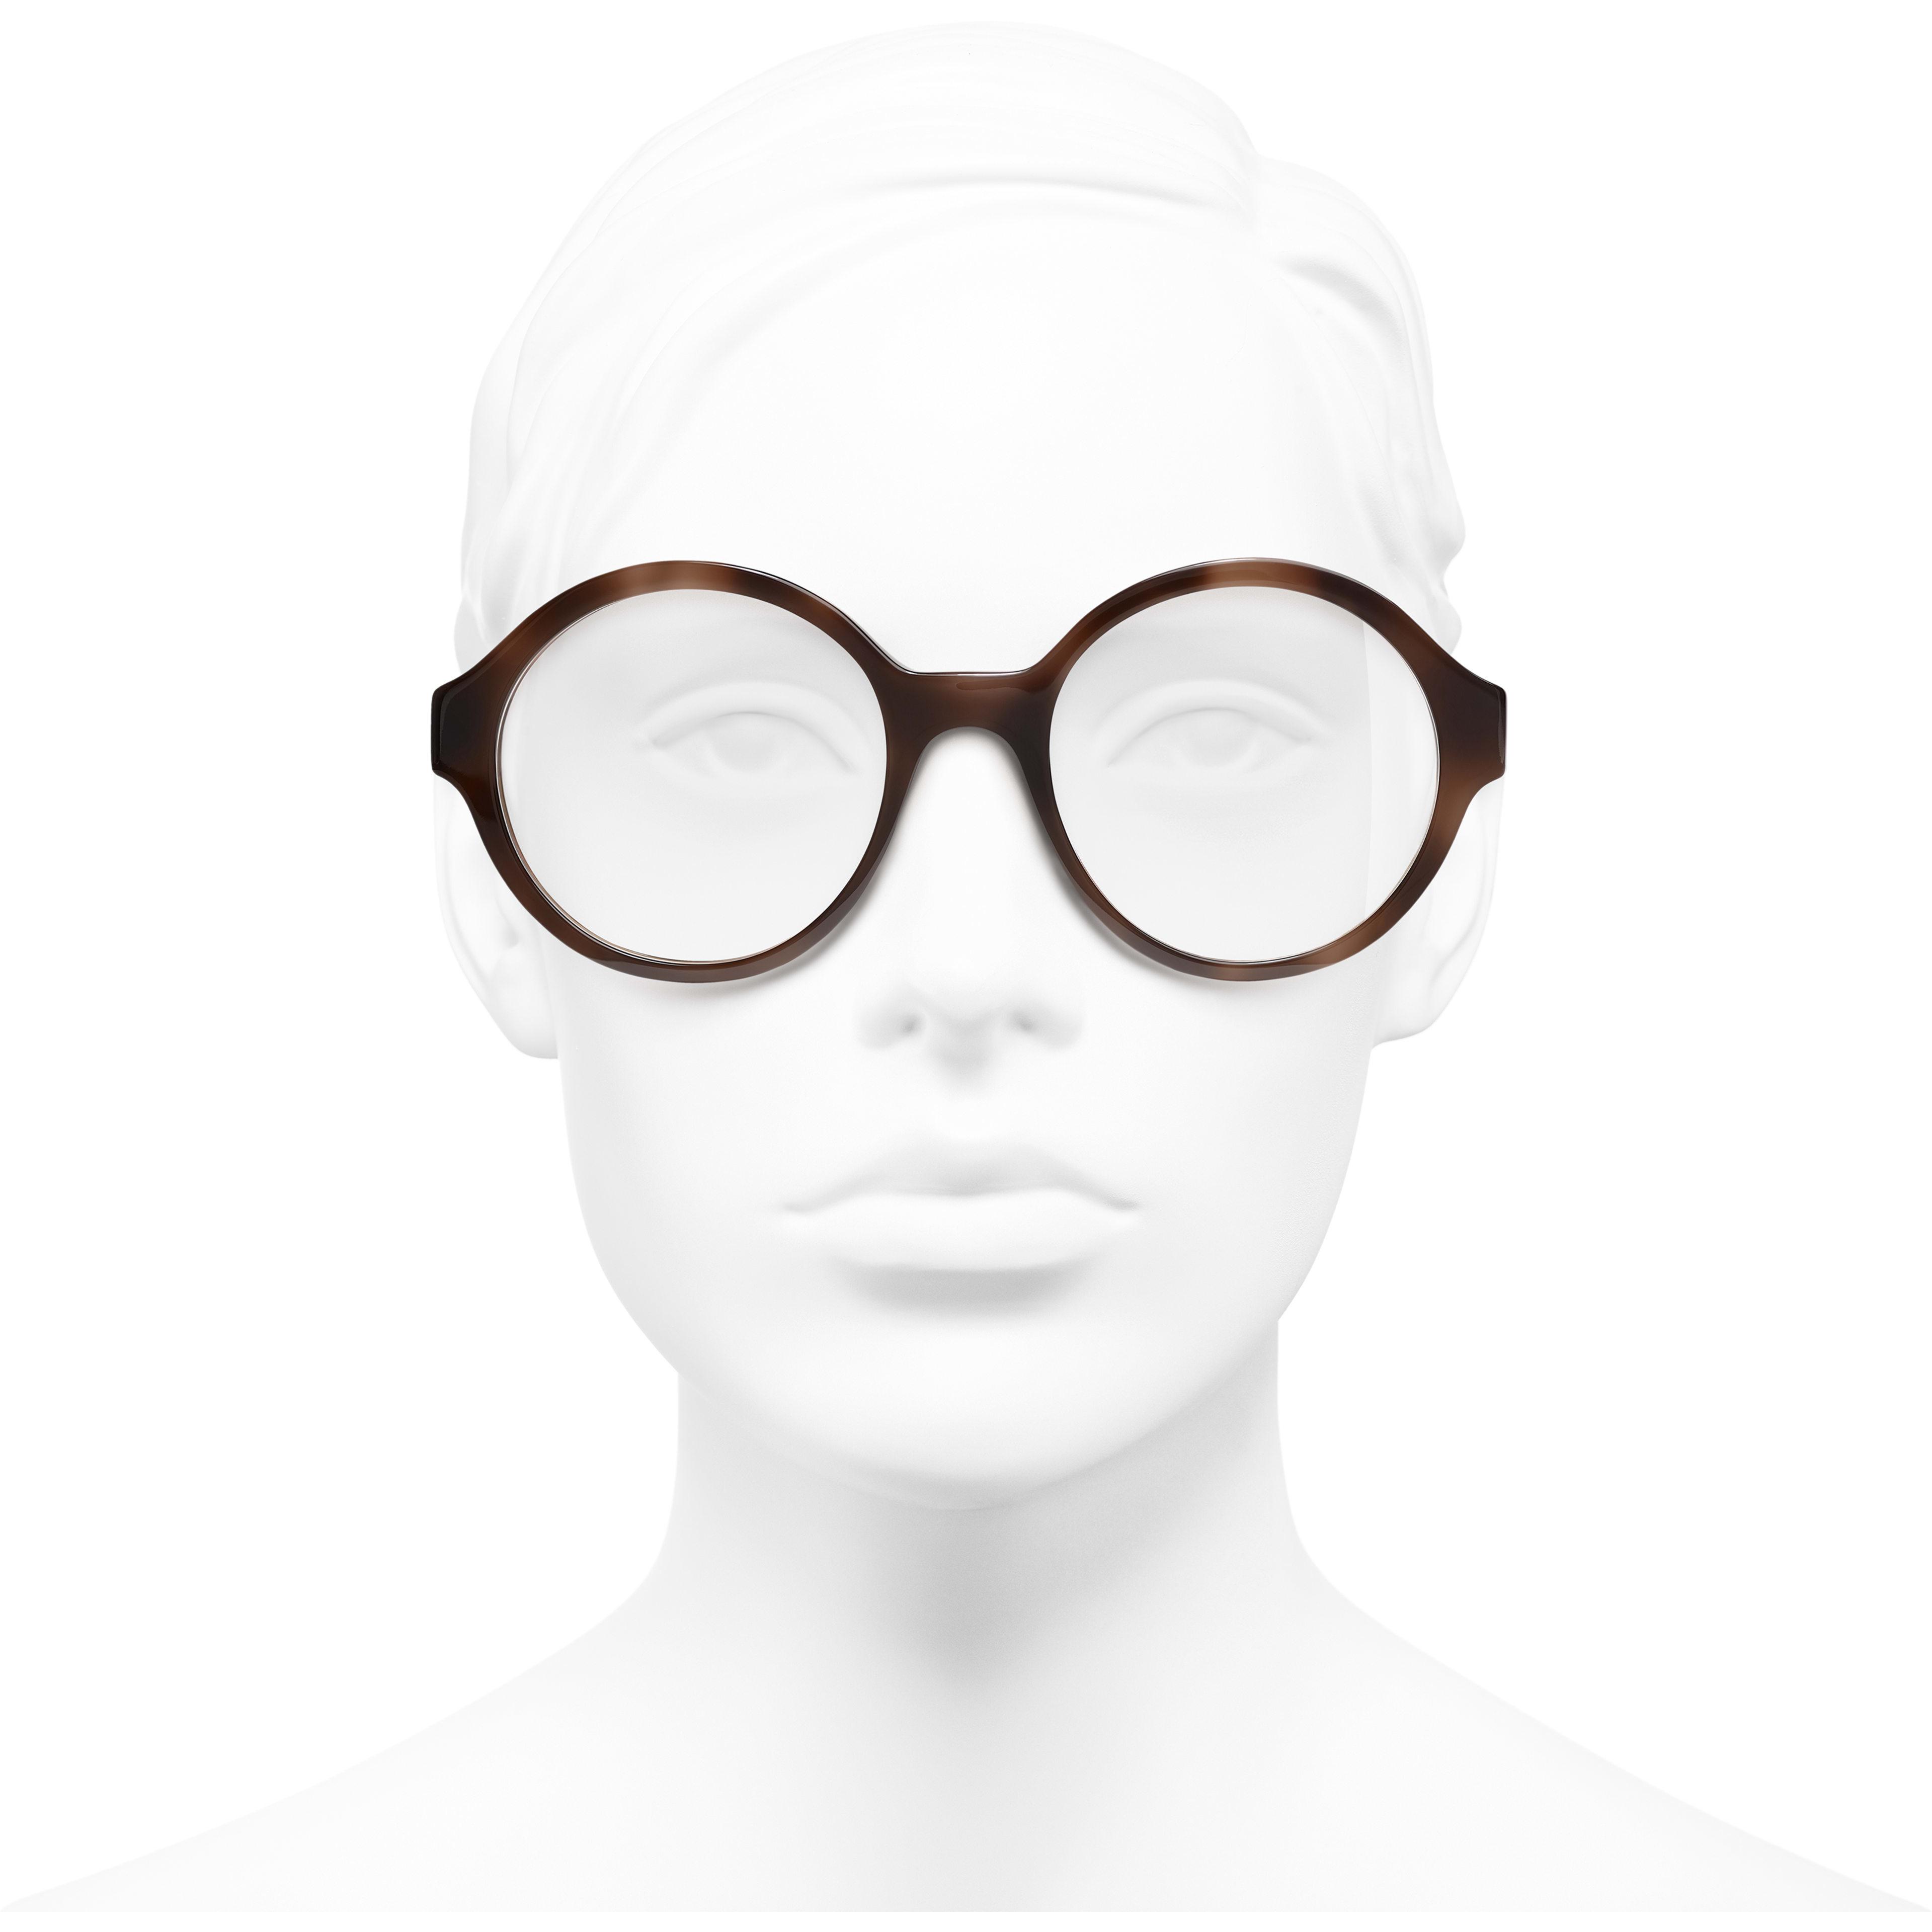 แว่นสายตาทรงกลม - สีน้ำตาล - อะซิเตท - มุมมองการสวมใส่ด้านหน้า - ดูเวอร์ชันขนาดมาตรฐาน